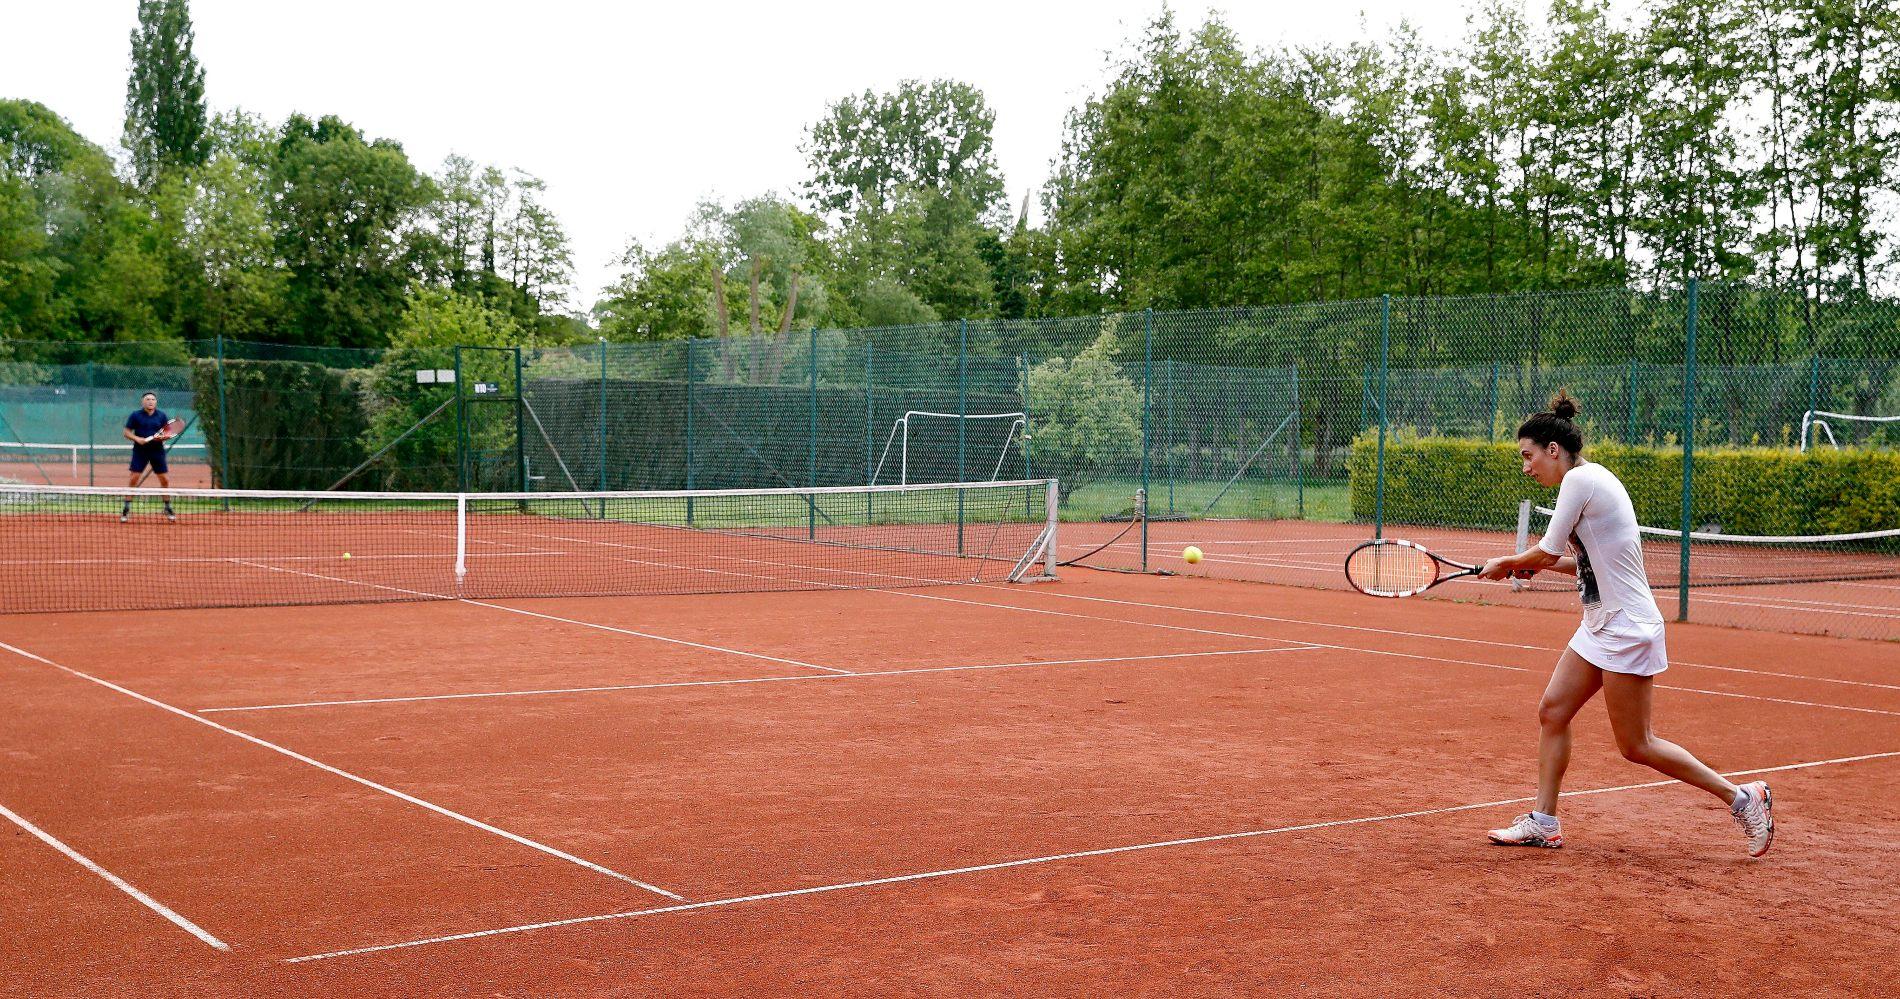 La pratique du tennis est déjà autorisée en Belgique et dans beaucoup d'autres pays d'Europe.